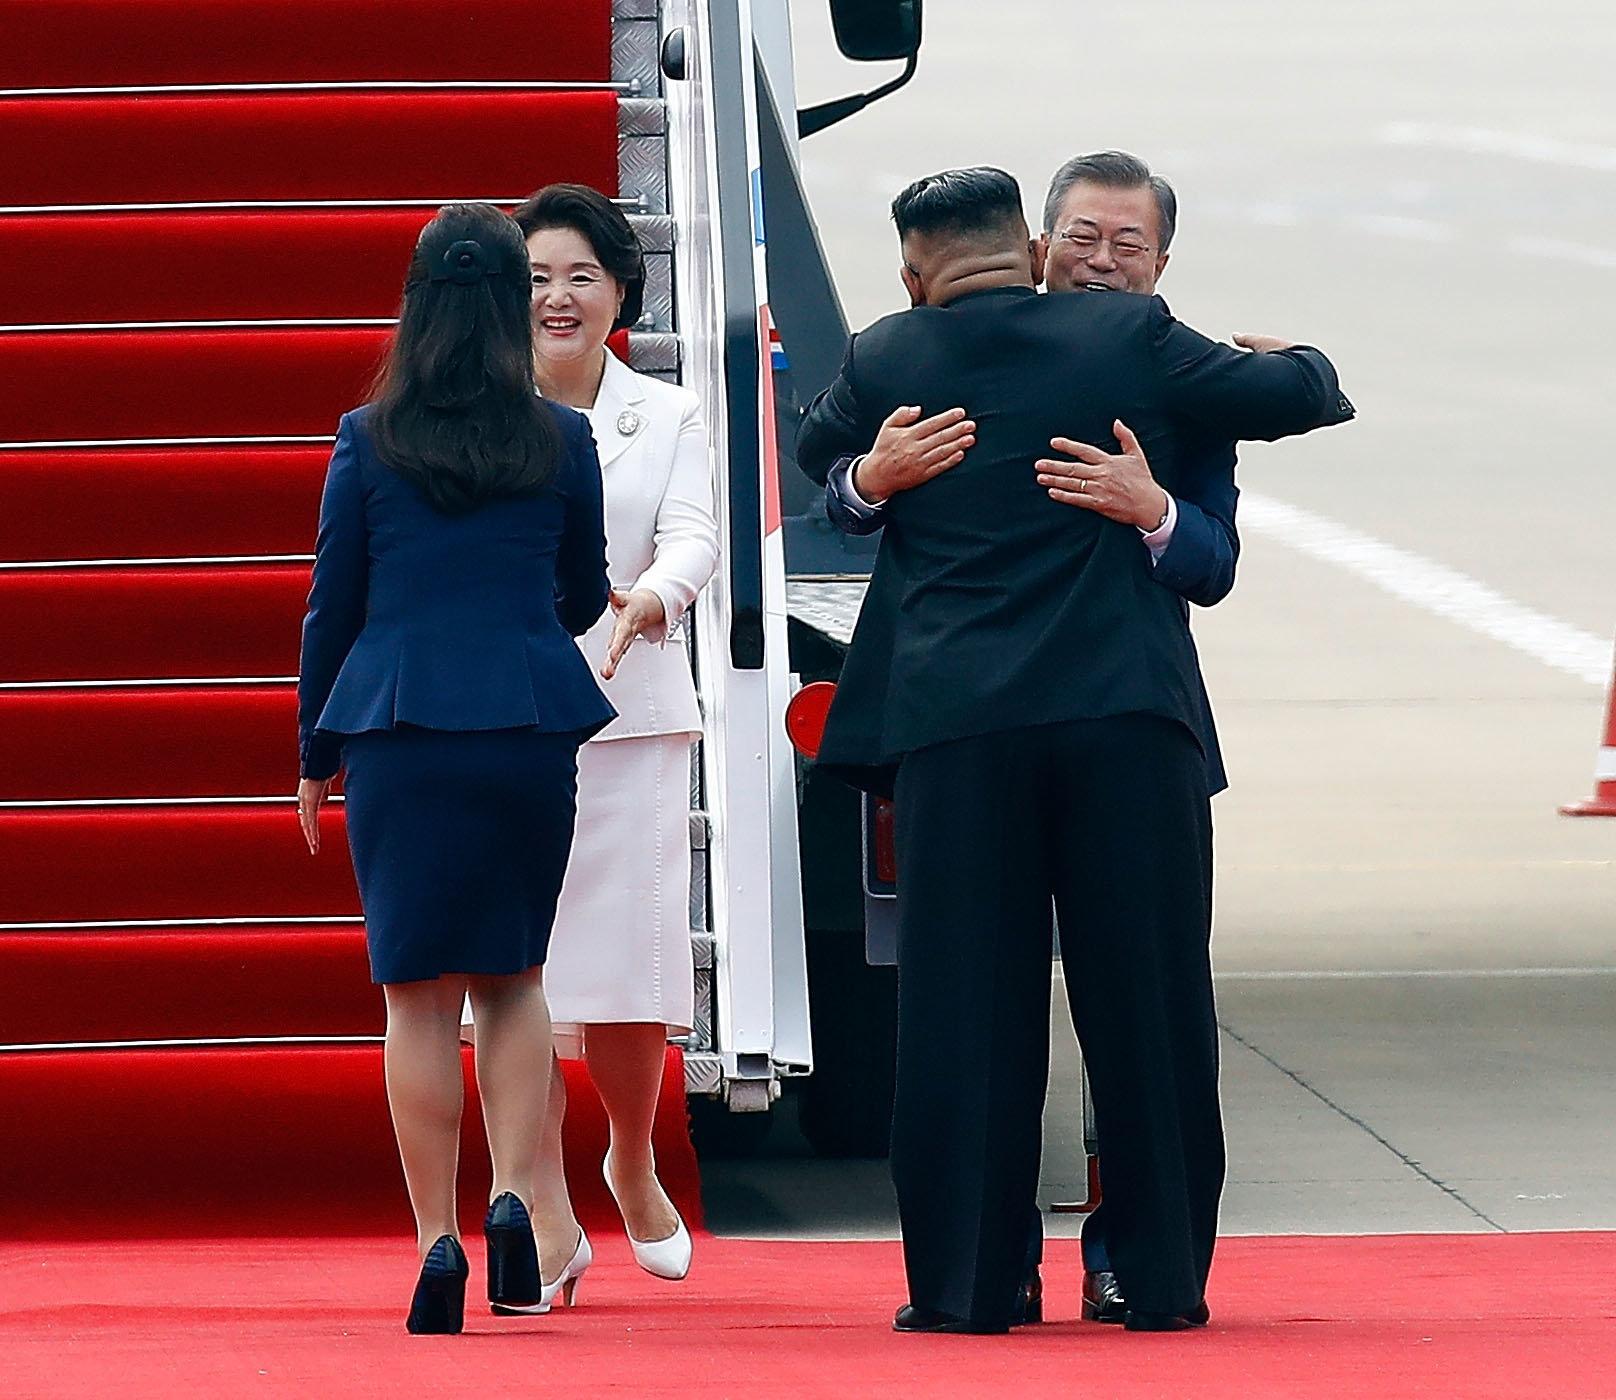 Korea-Gipfel: Diese Gesten sorgen für Entsetzen in Südkorea